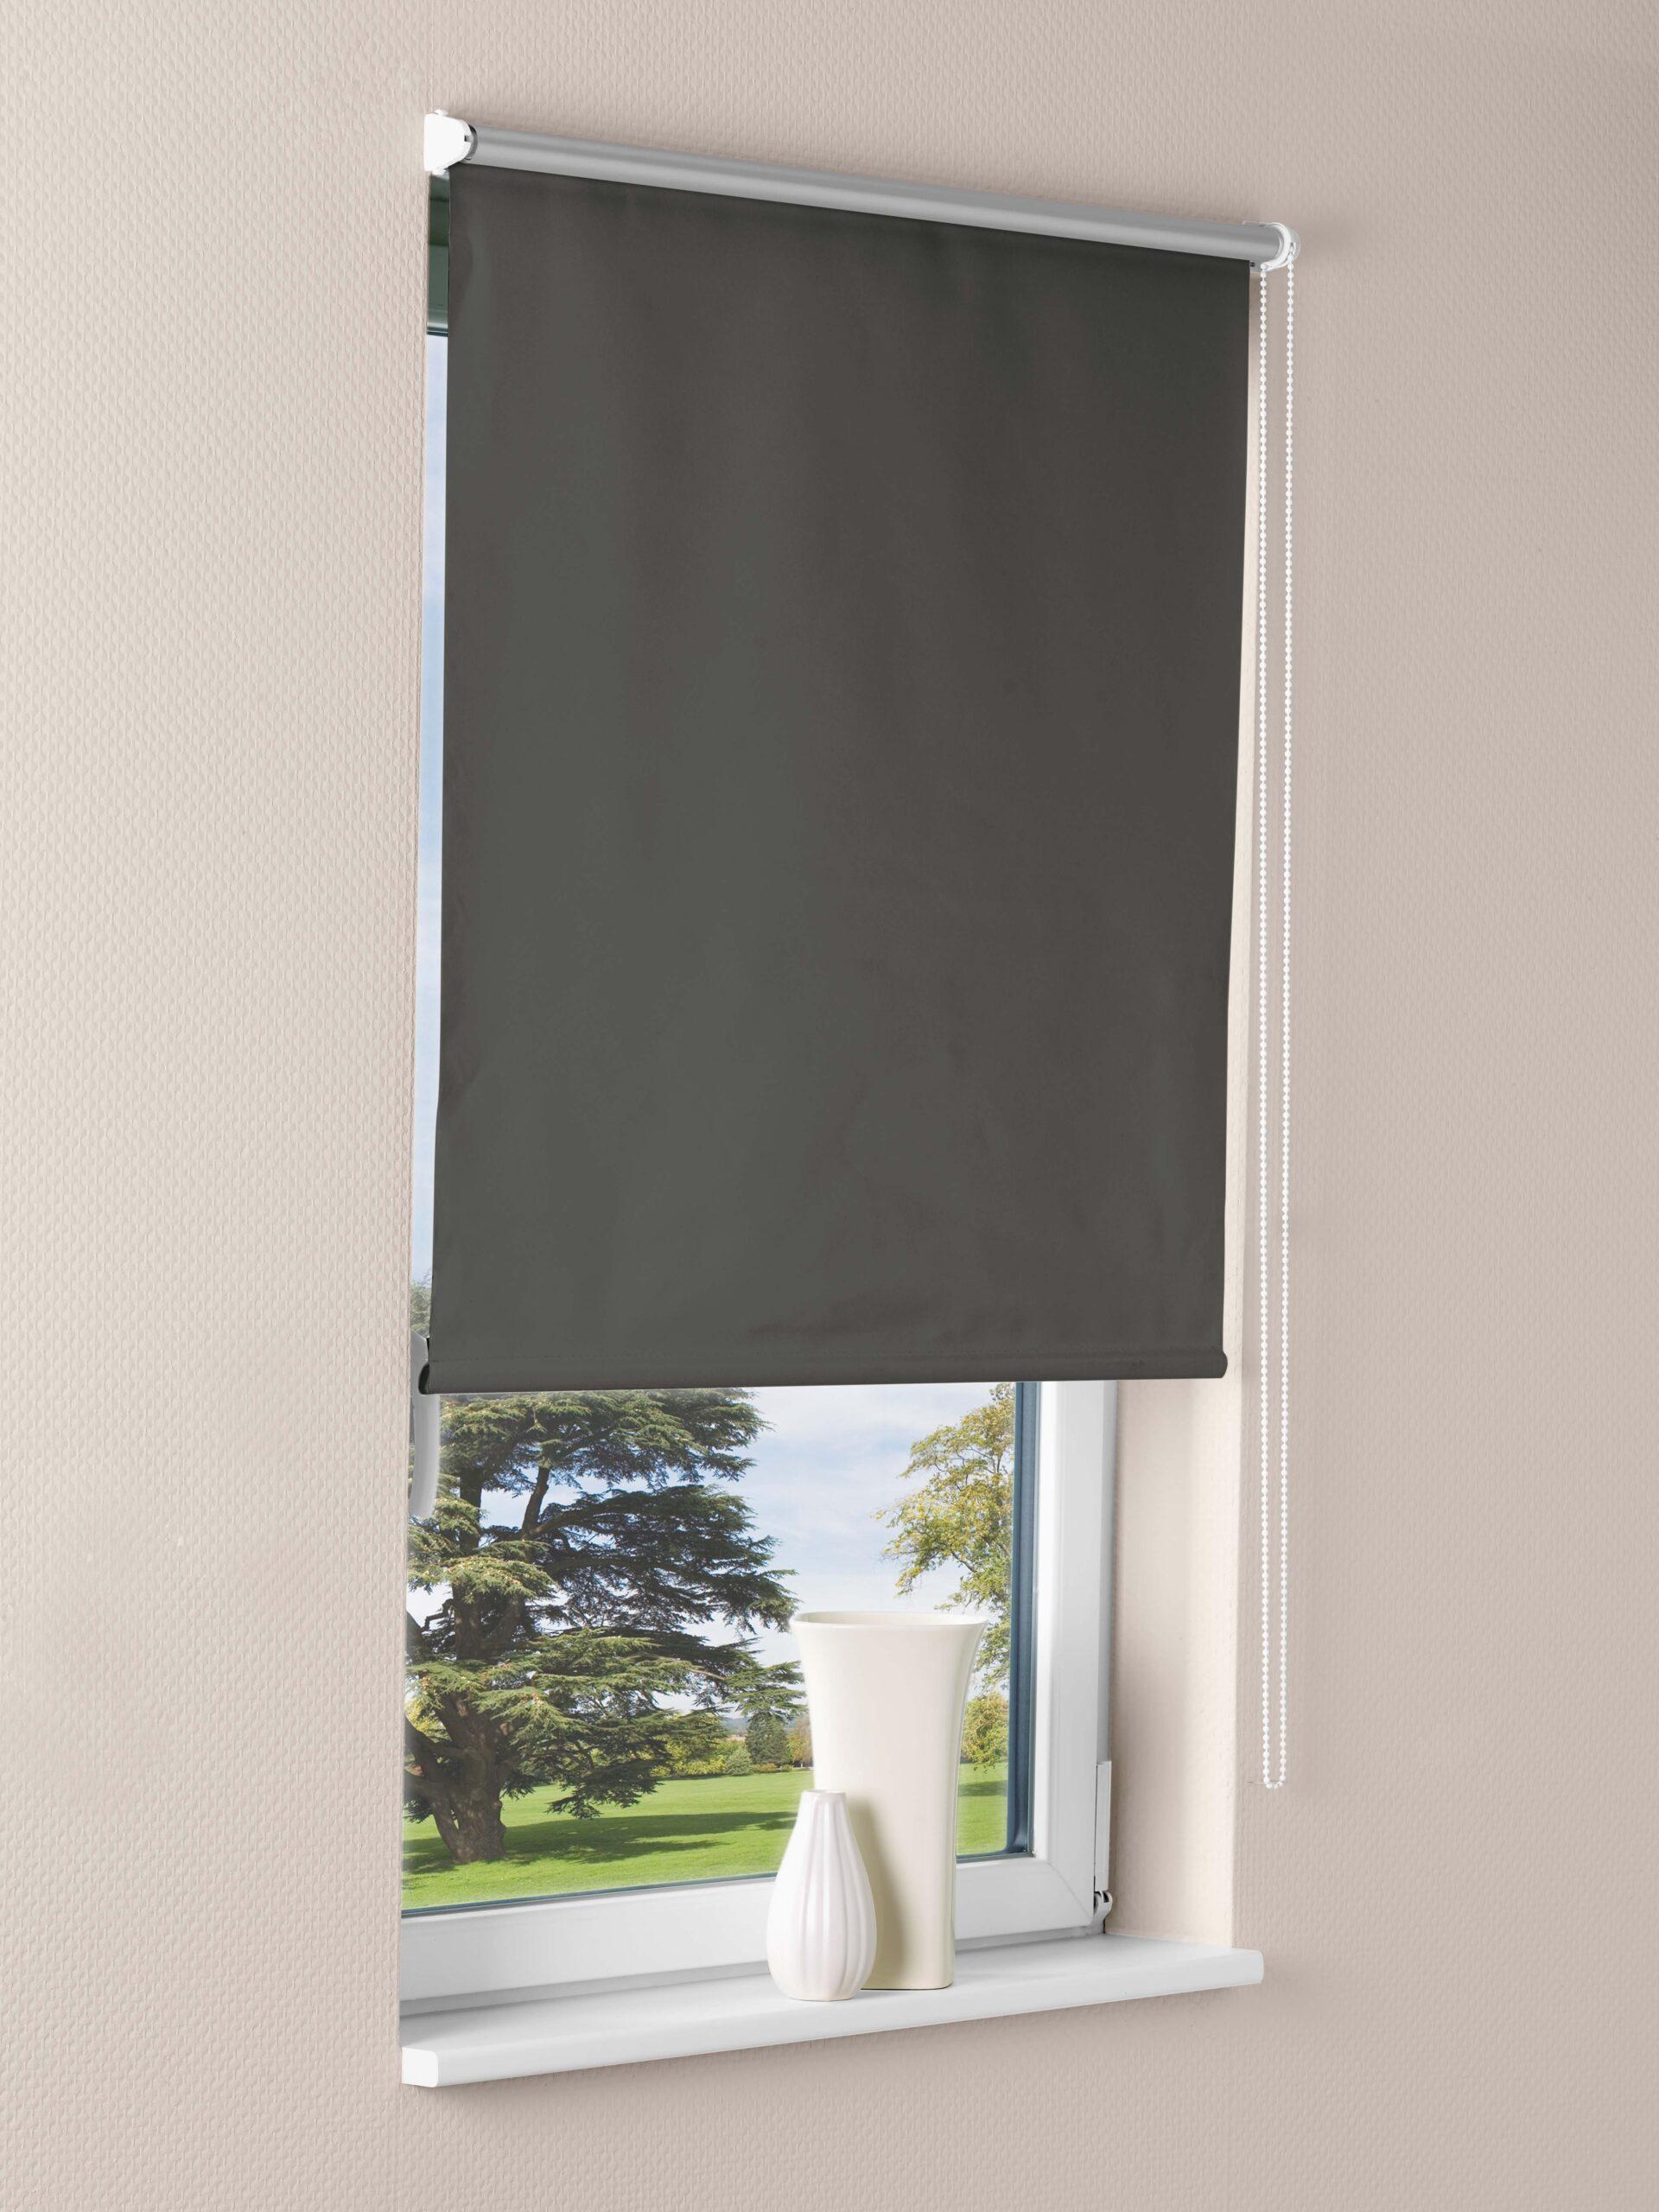 Full Size of Raffrollo Küchenfenster Rollos Und Jalousien Anbringen Tipps Tricks Obi Küche Wohnzimmer Raffrollo Küchenfenster